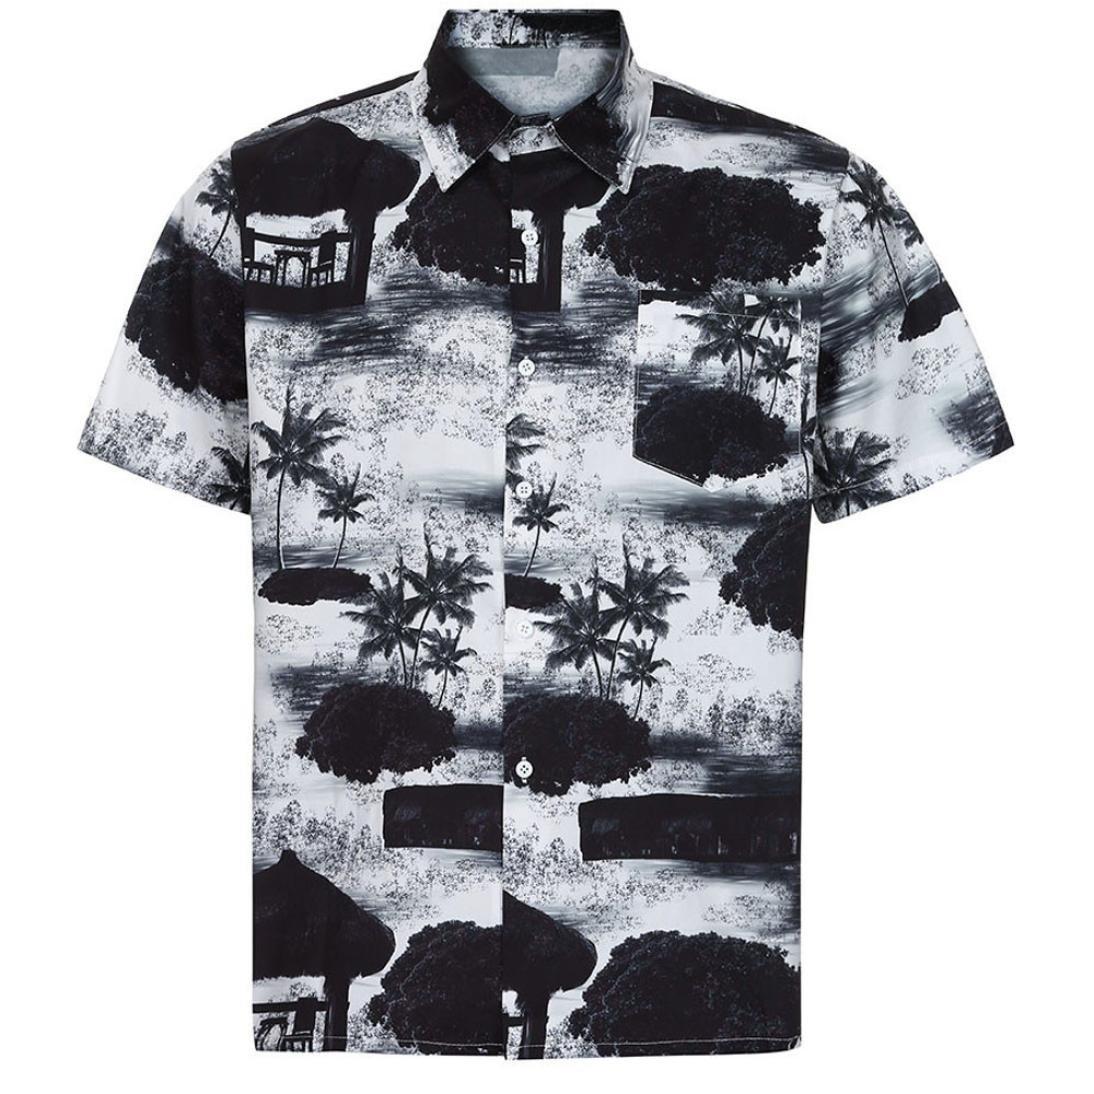 d4ba957dd LuckyGirls Camisa Camisetas Originales Hombre Manga Cortos Verano Estilo  Hawaiano Moda Polos Deportivas Blusa Casuales Slim Playa Remera  Amazon.es   ...